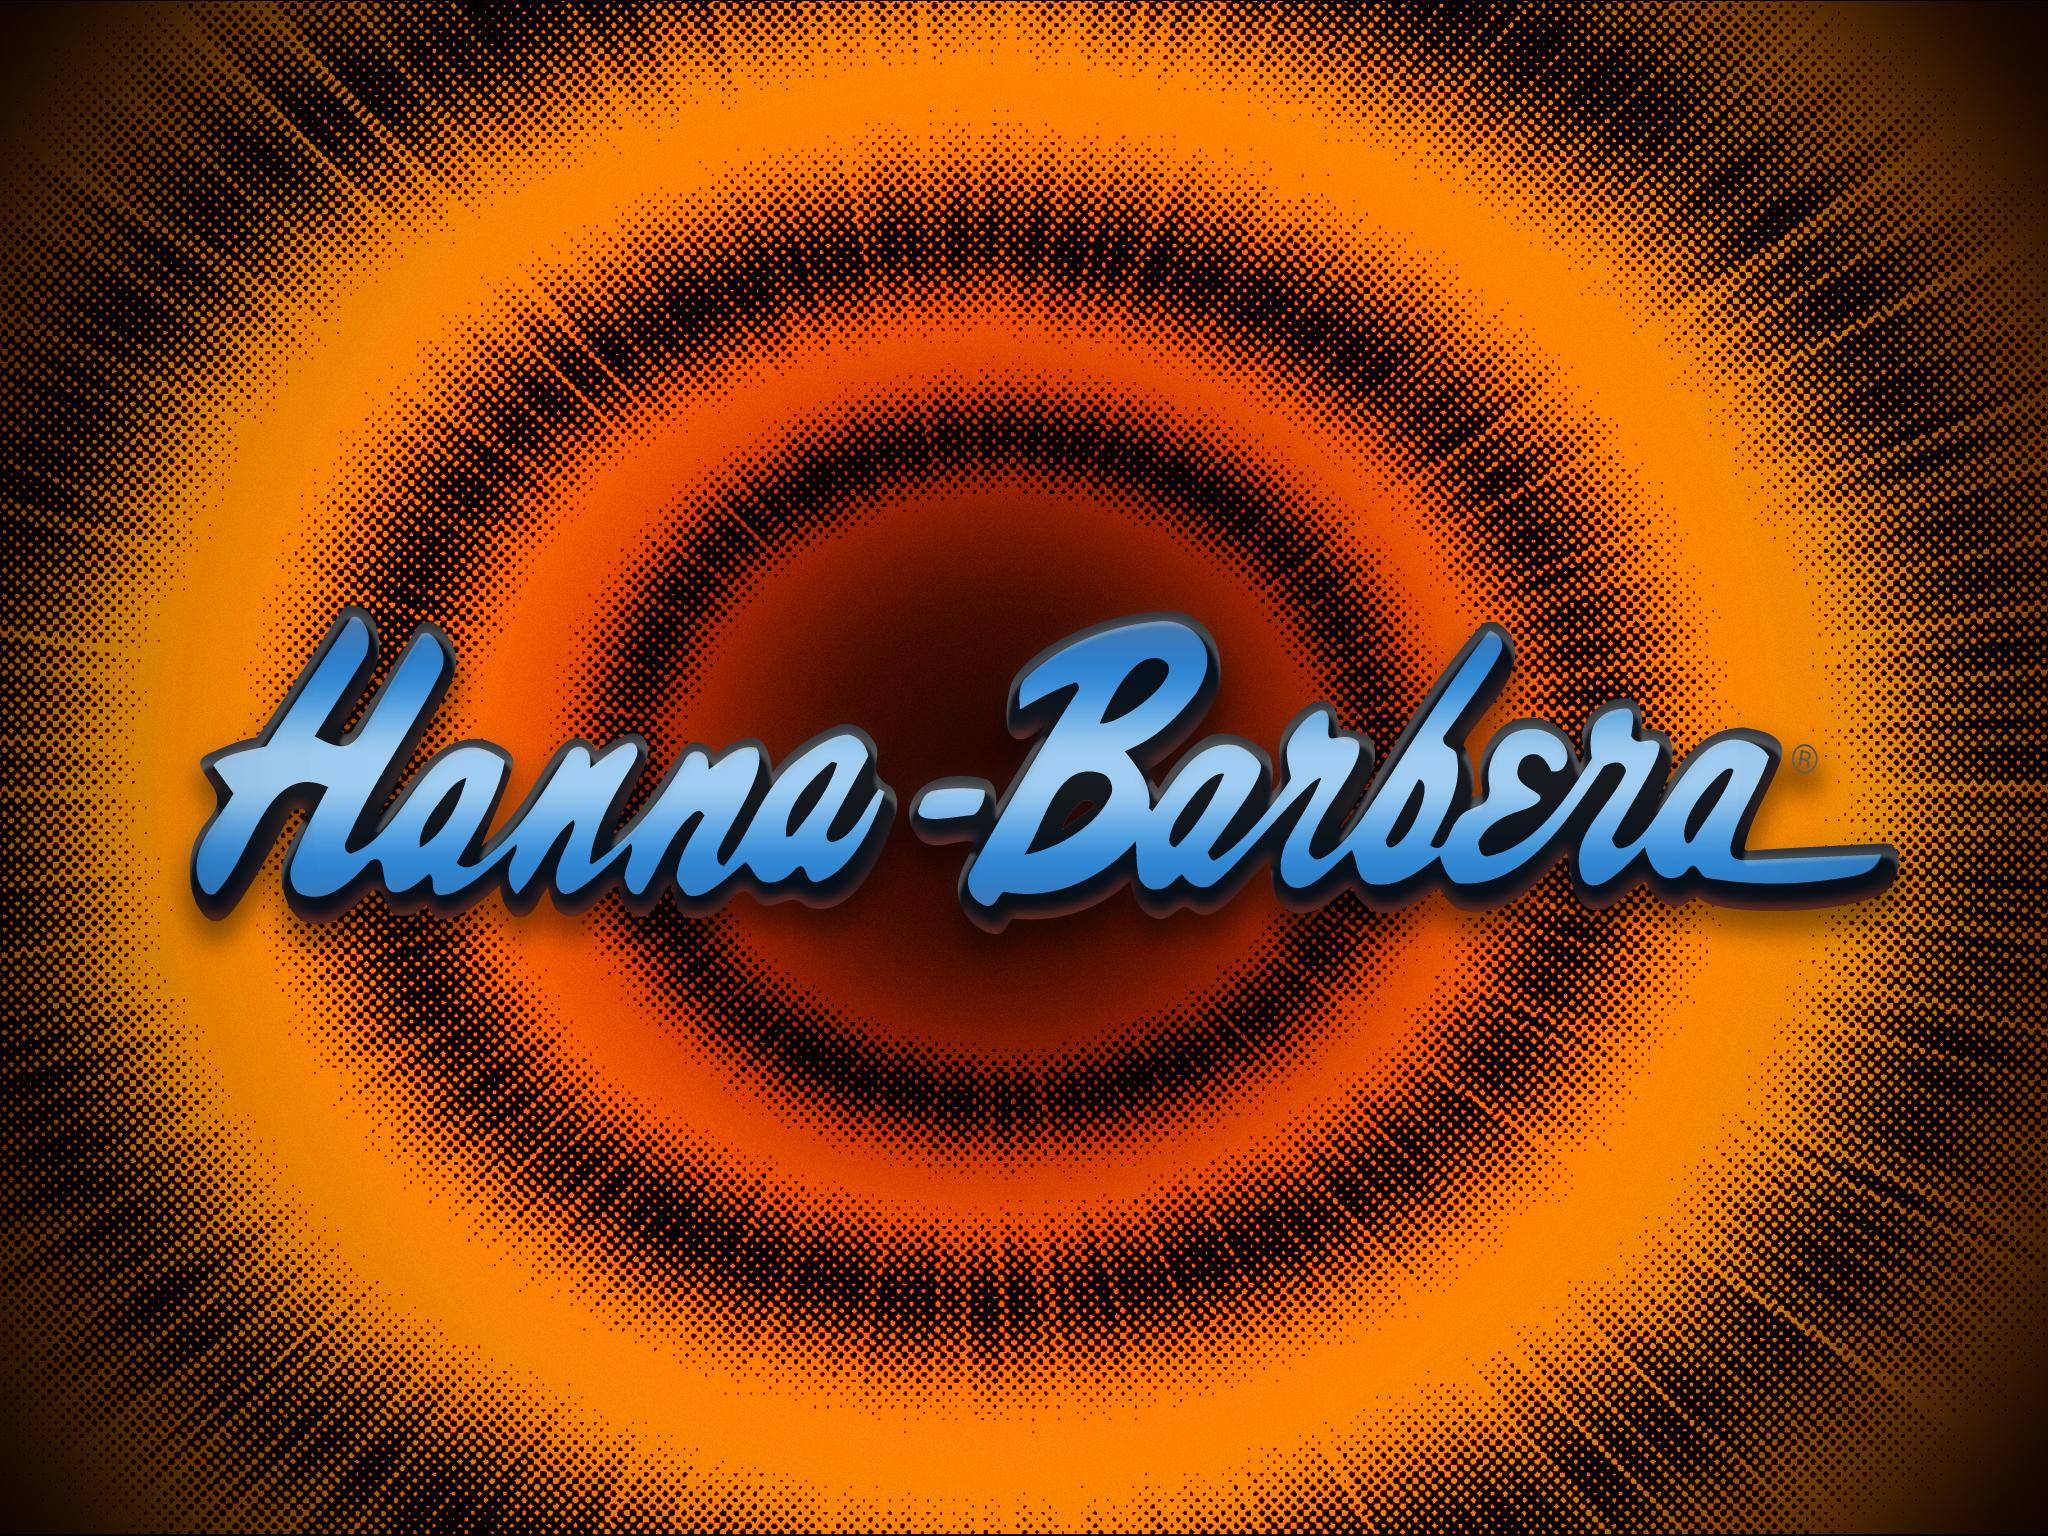 HANNA BARBERA